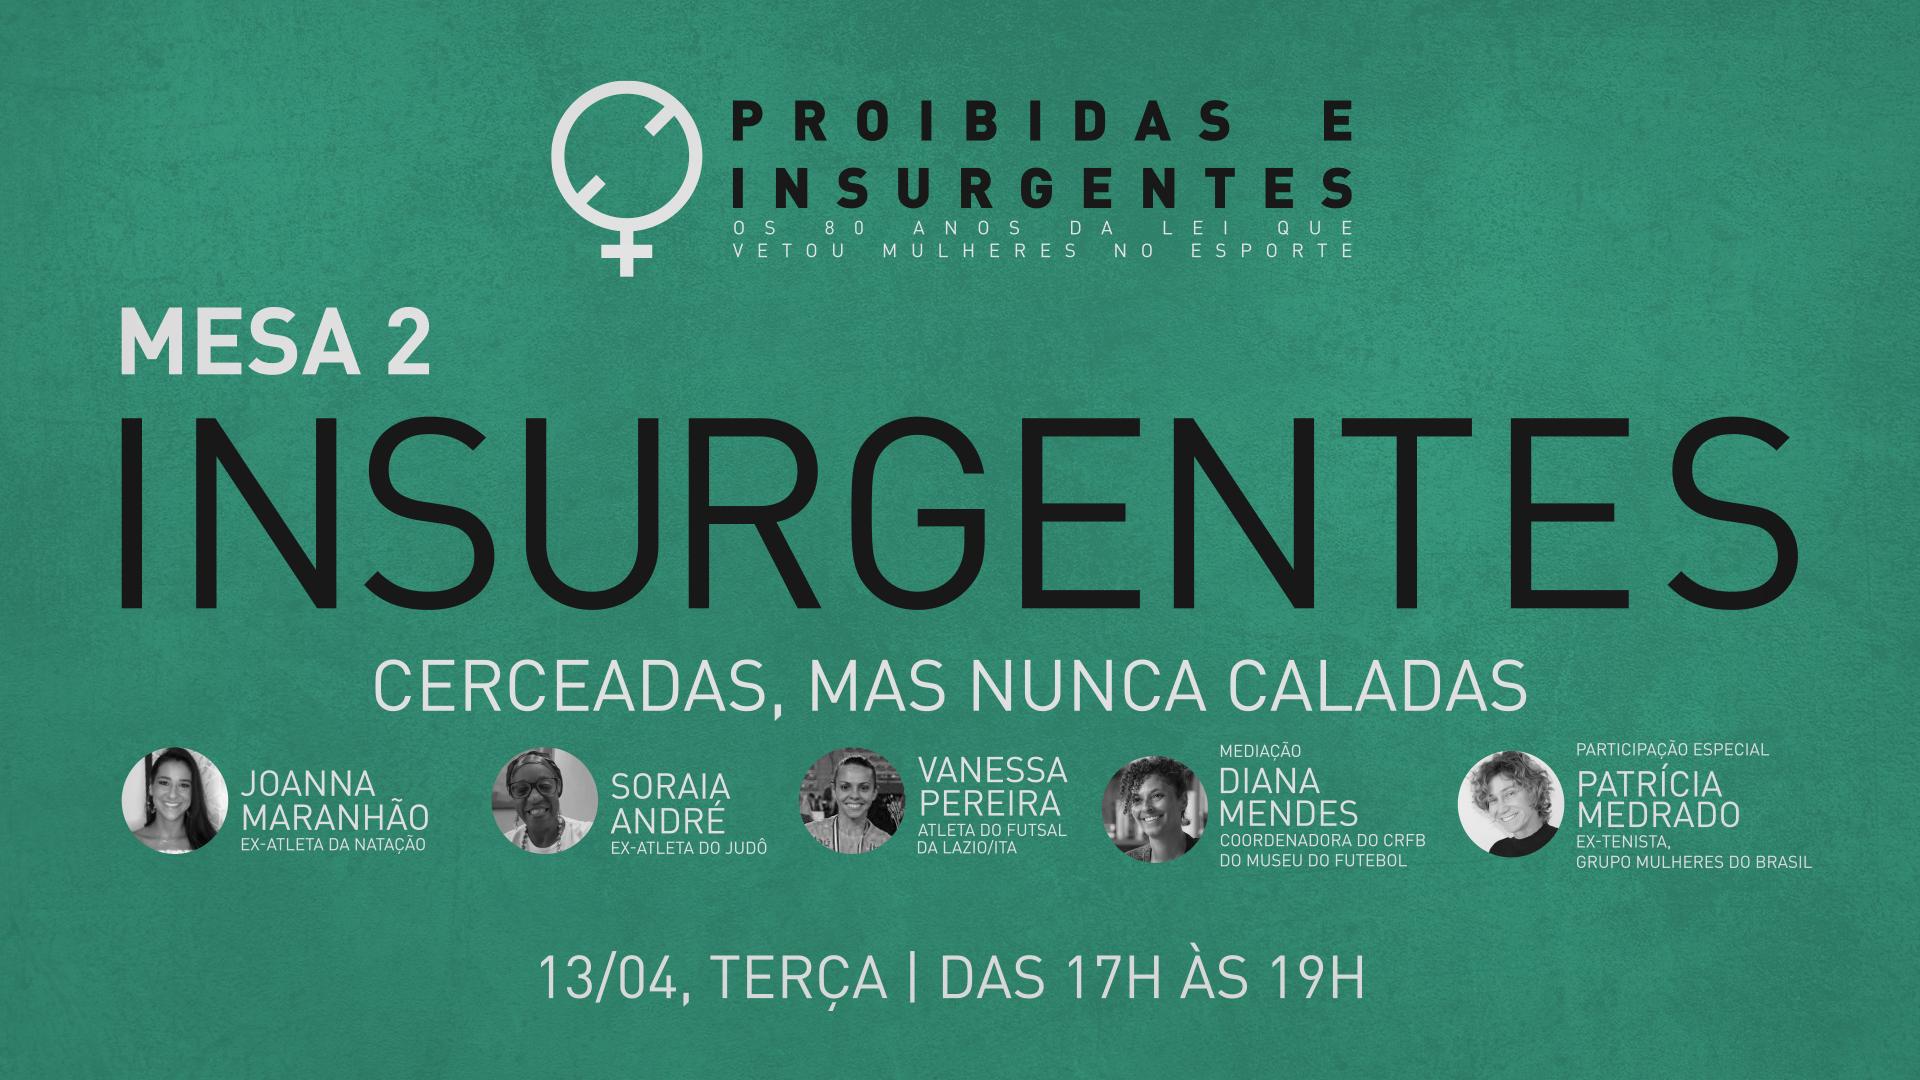 Proibidas e insurgentes - Mesa 2: Insurgentes - cerceadas, mas nunca caladas